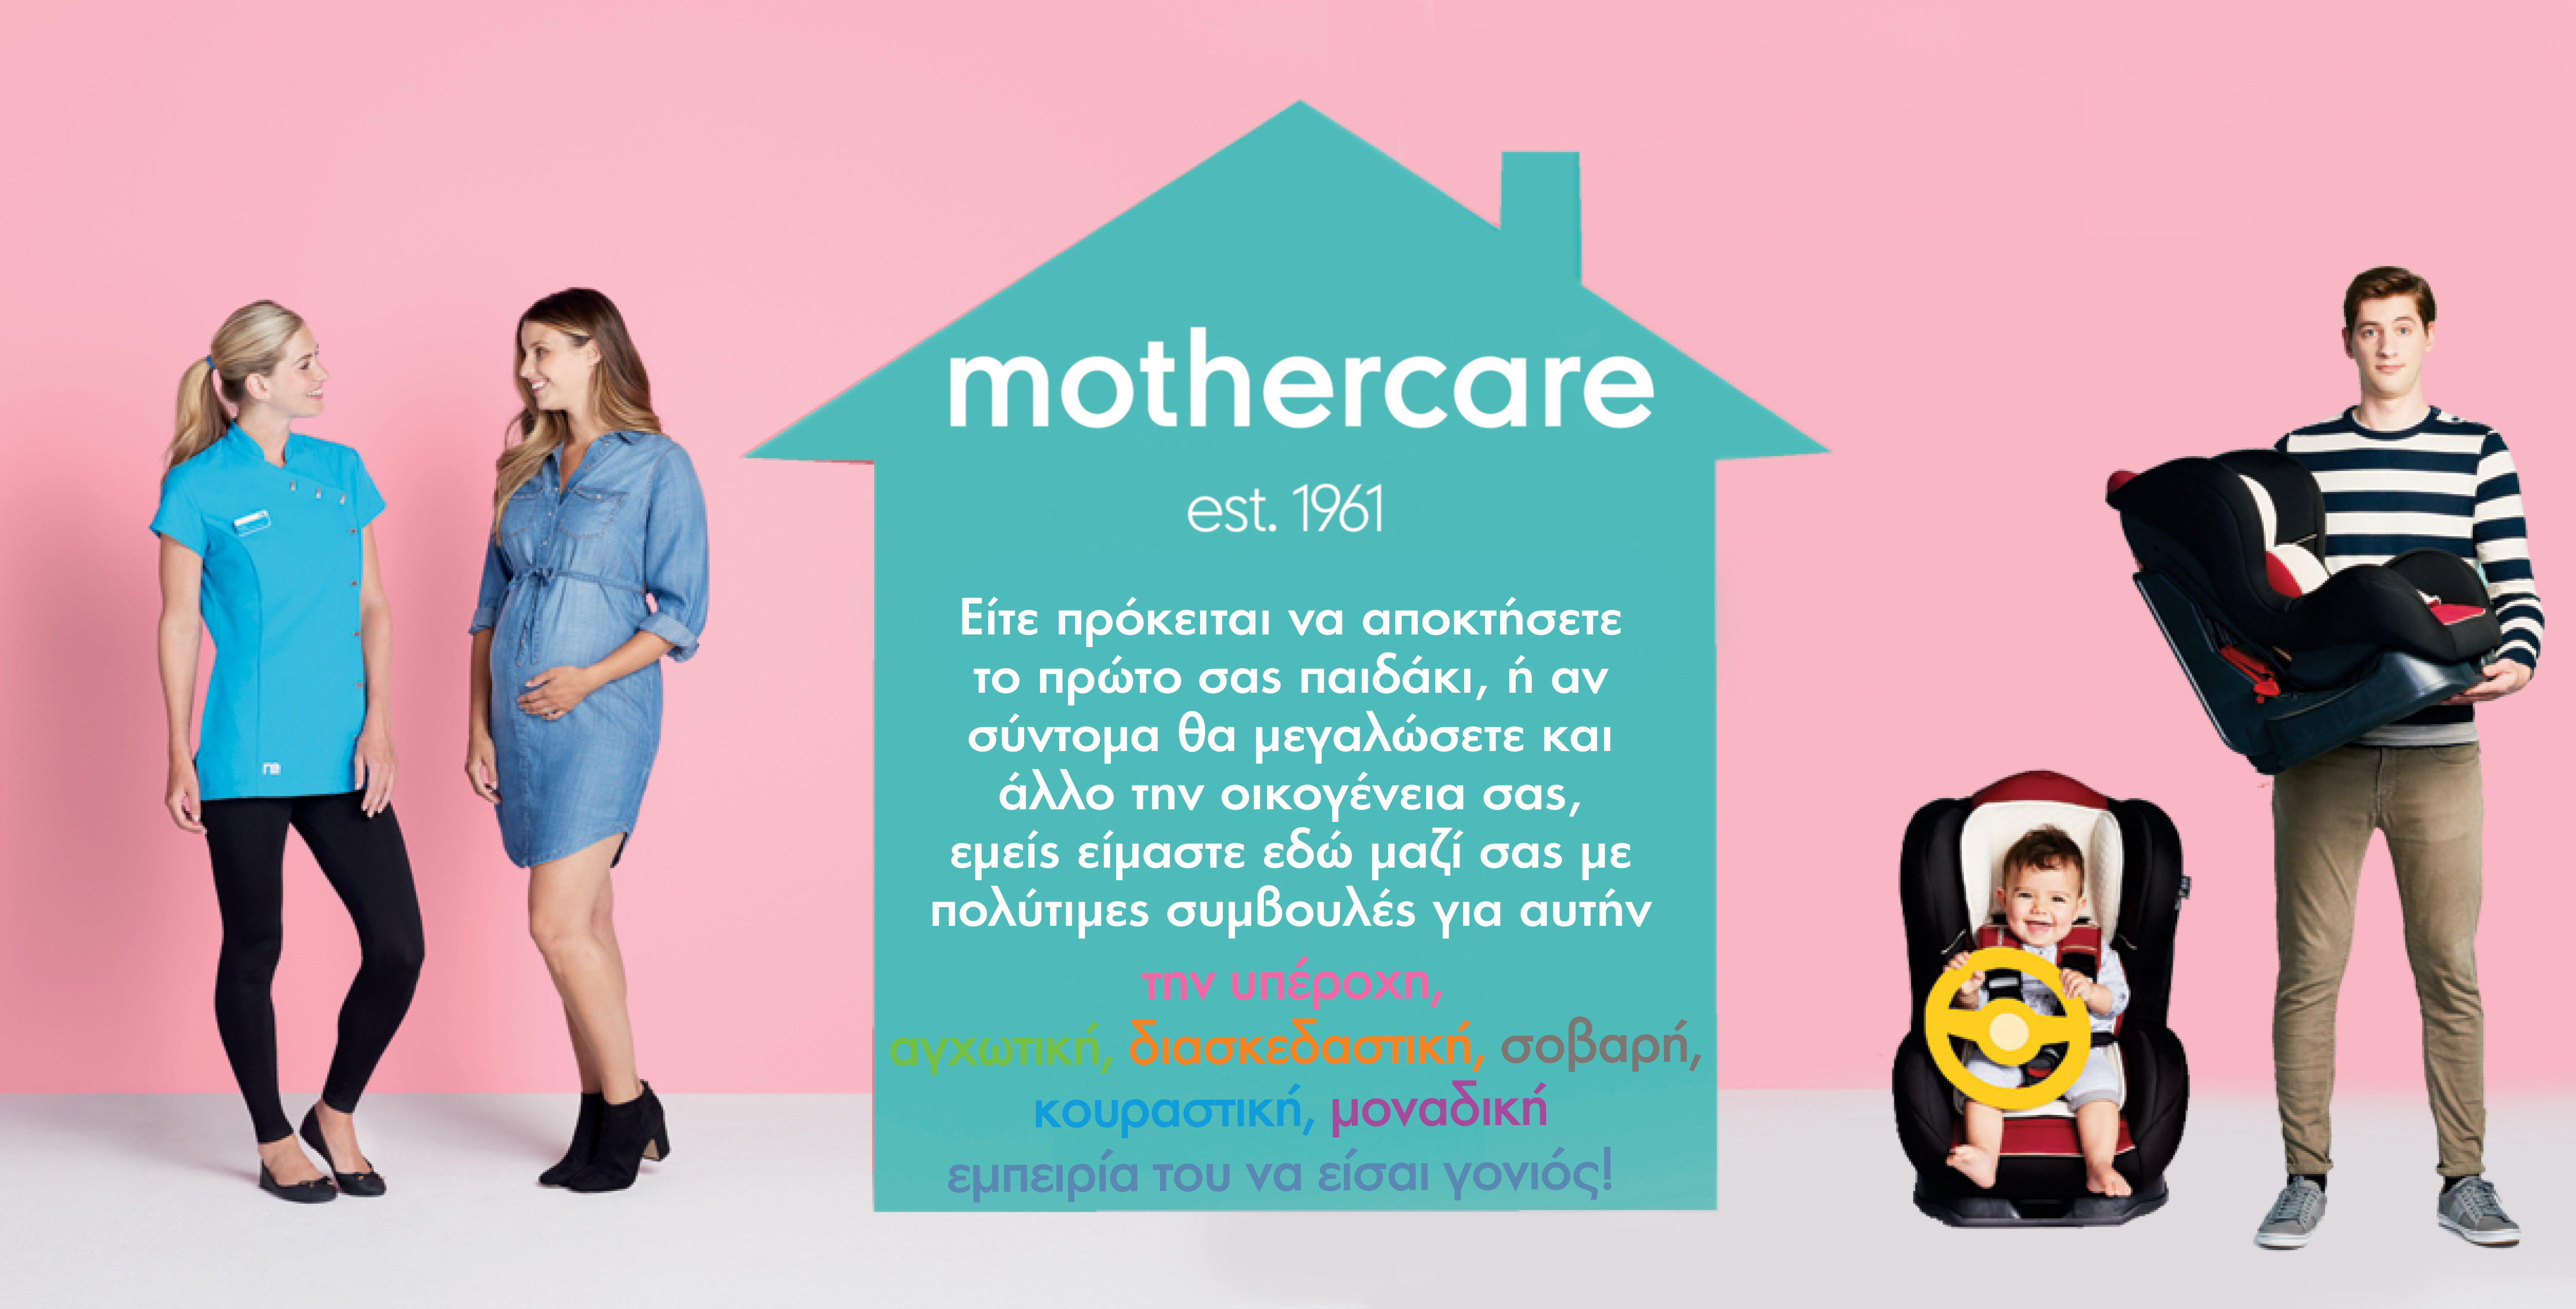 Συμβουλές και εξυπηρέτηση mothercare